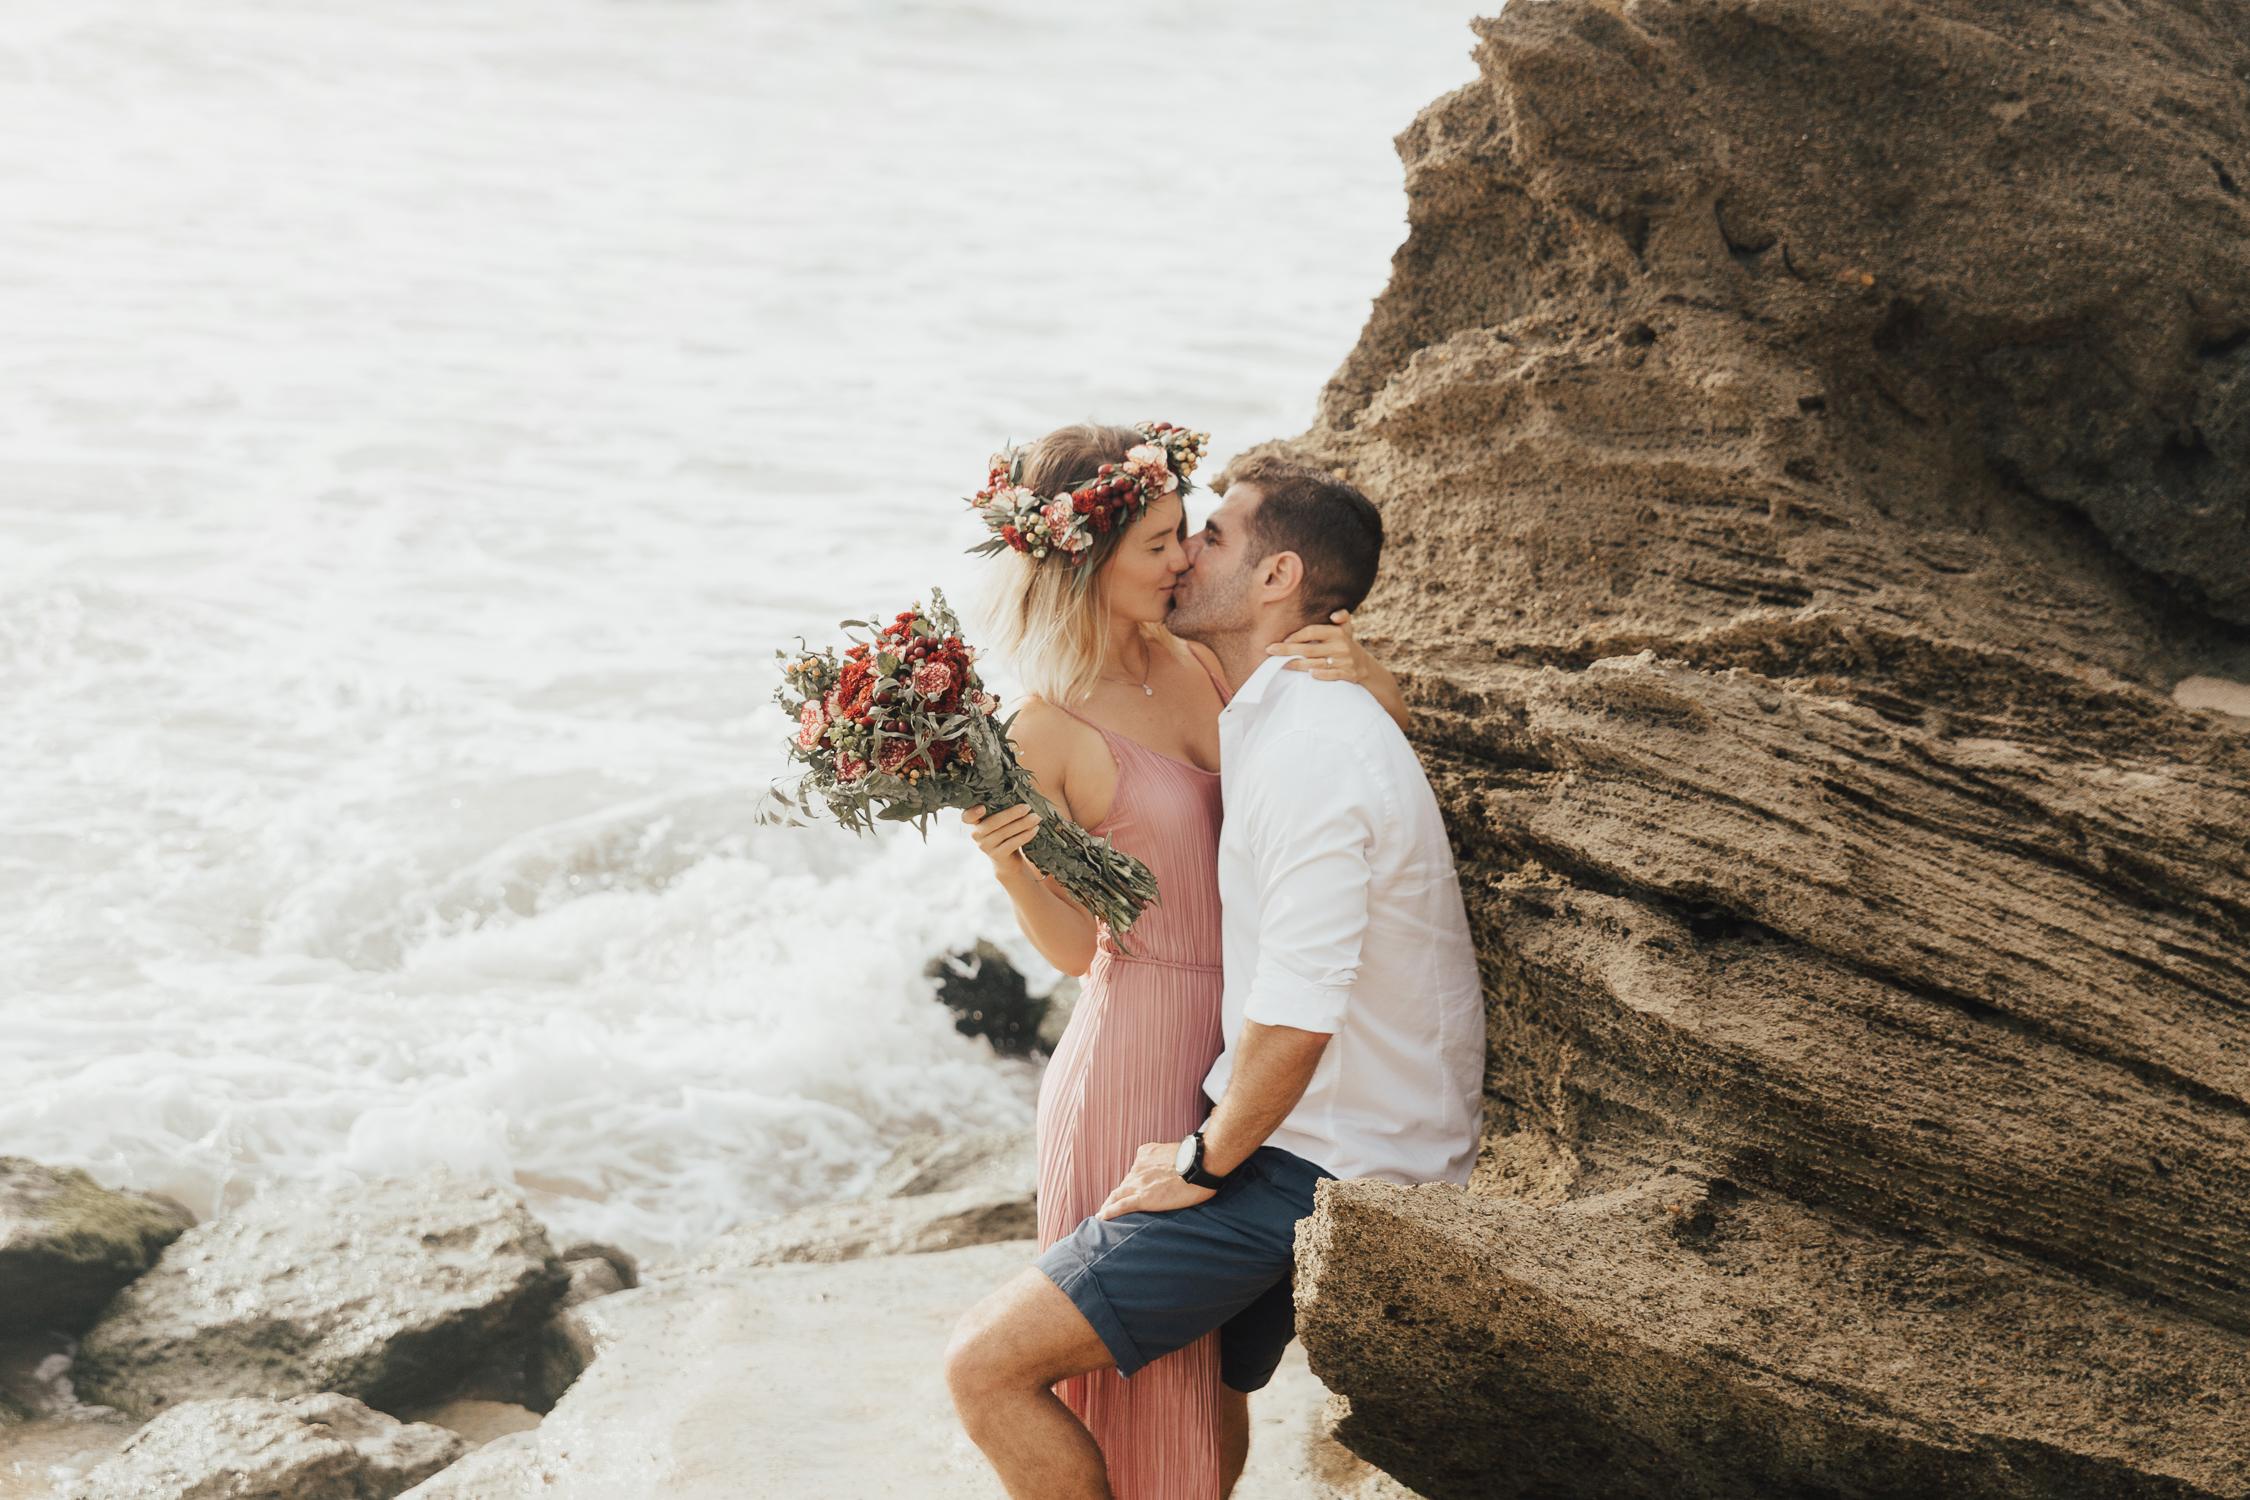 Michelle-Agurto-Fotografia-Bodas-Ecuador-Destination-Wedding-Photographer-Sesion-Esther-Jose-Luis-21.JPG